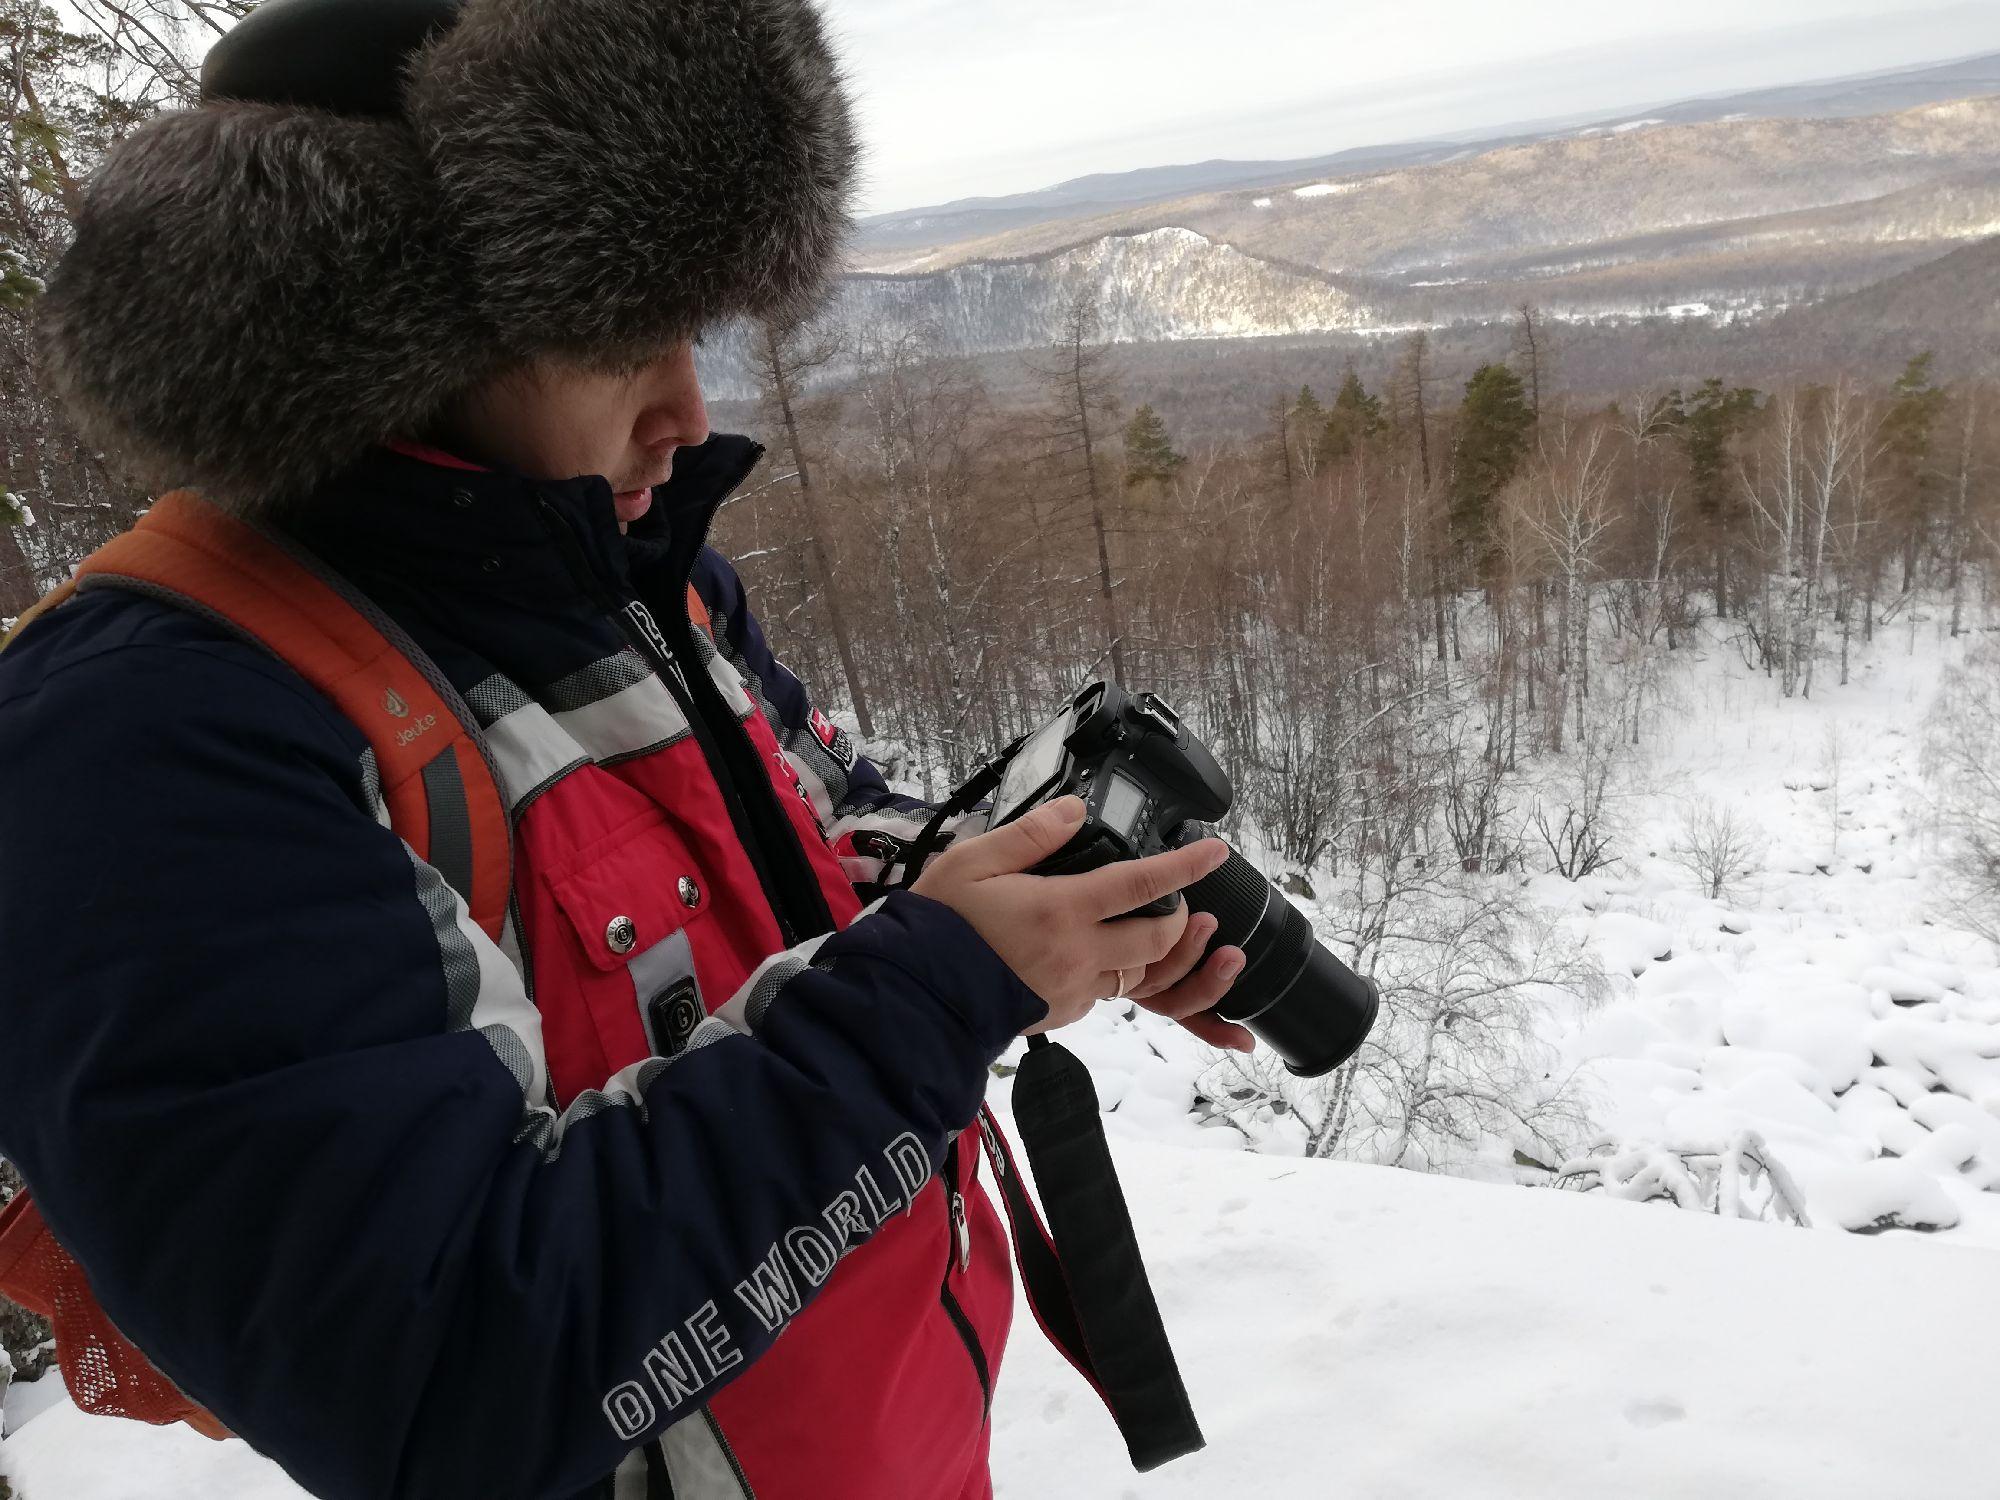 Саша взял фотик и телевик, чем спас ситуацию - солнышко вылезло и очень круто освещало горы